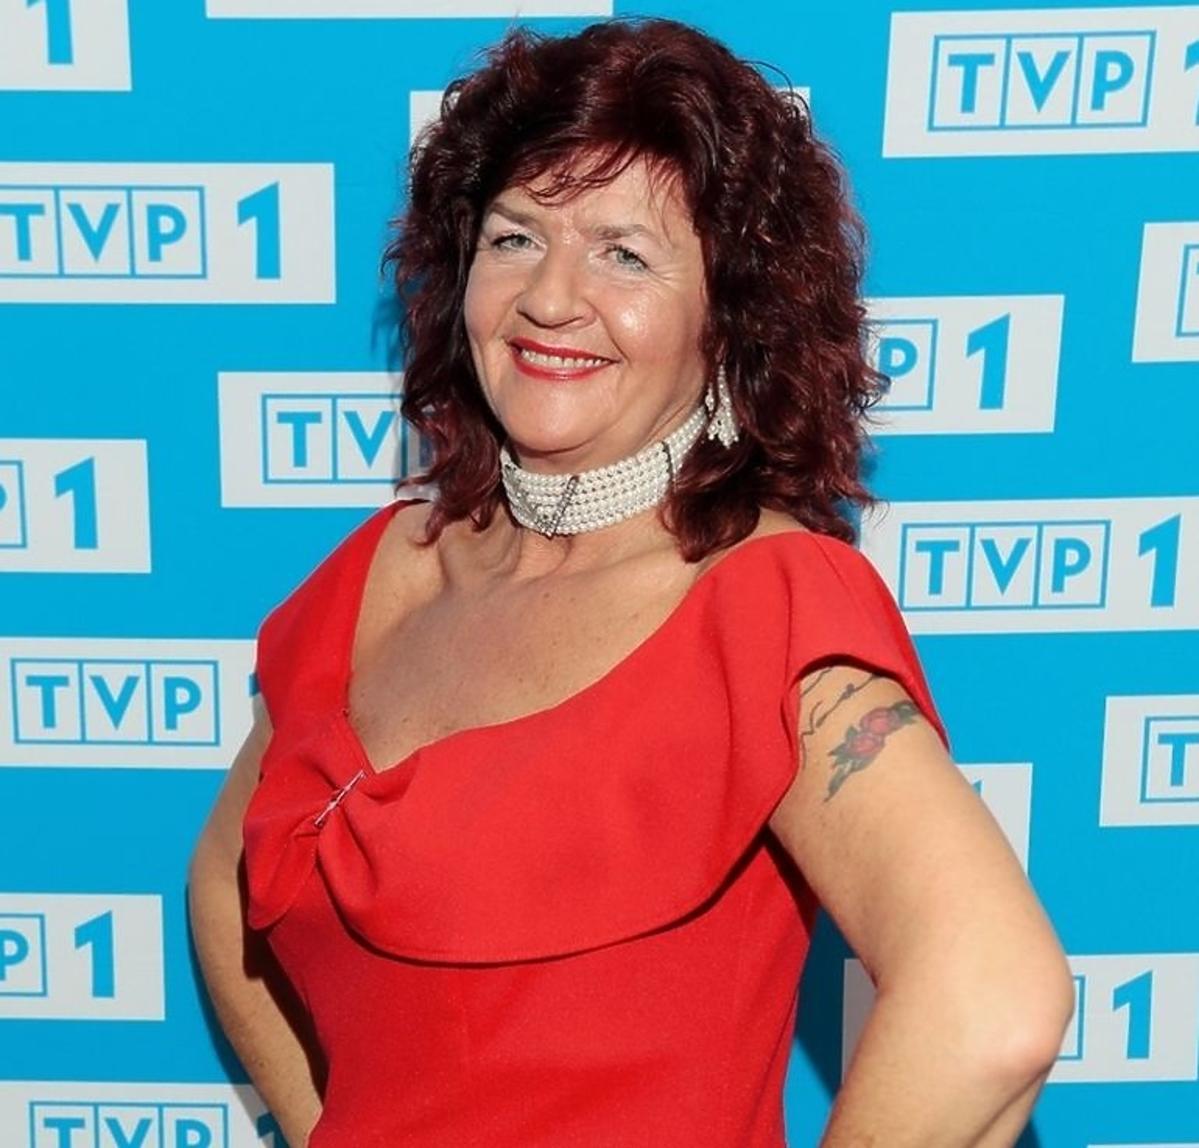 Nina z Sanatorium miłości miała wystąpić w programie TVN